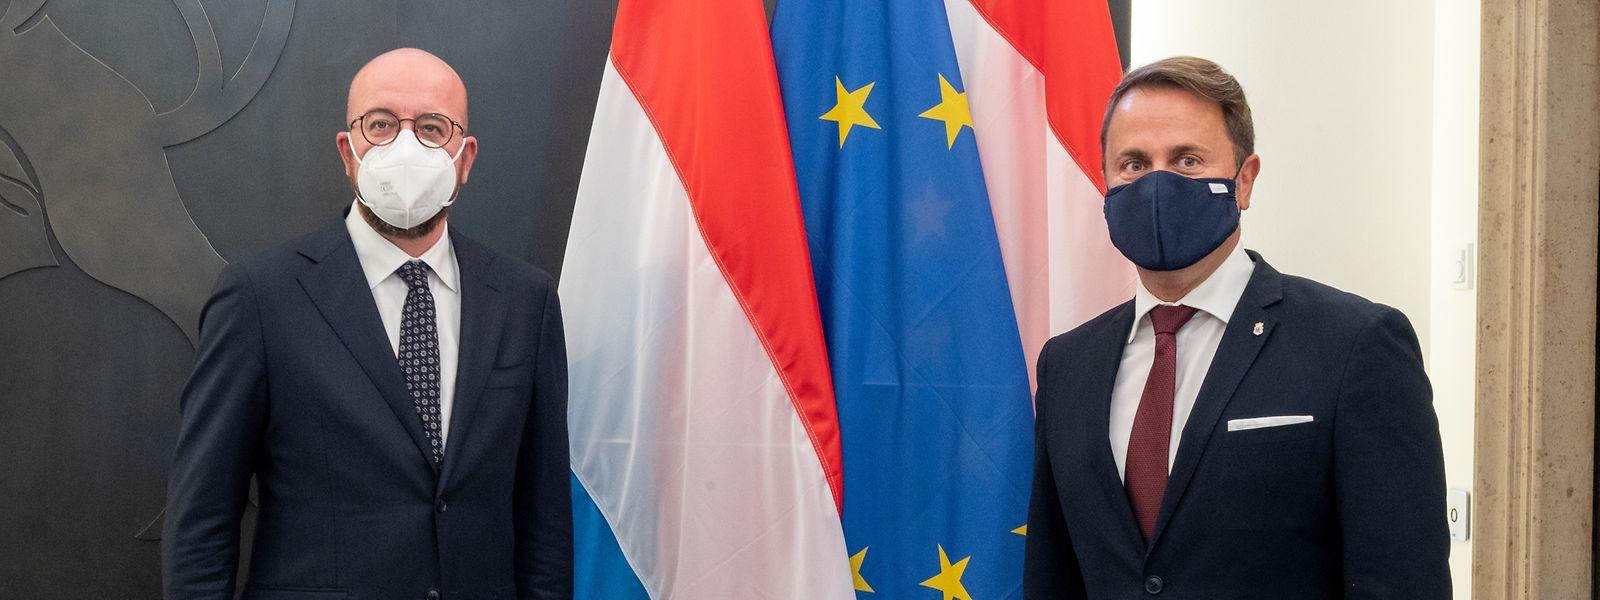 Après Rome et Bruxelles au début du mois, Charles Michel était présent ce jeudi à Luxembourg-Ville en amont du prochain Conseil européen.